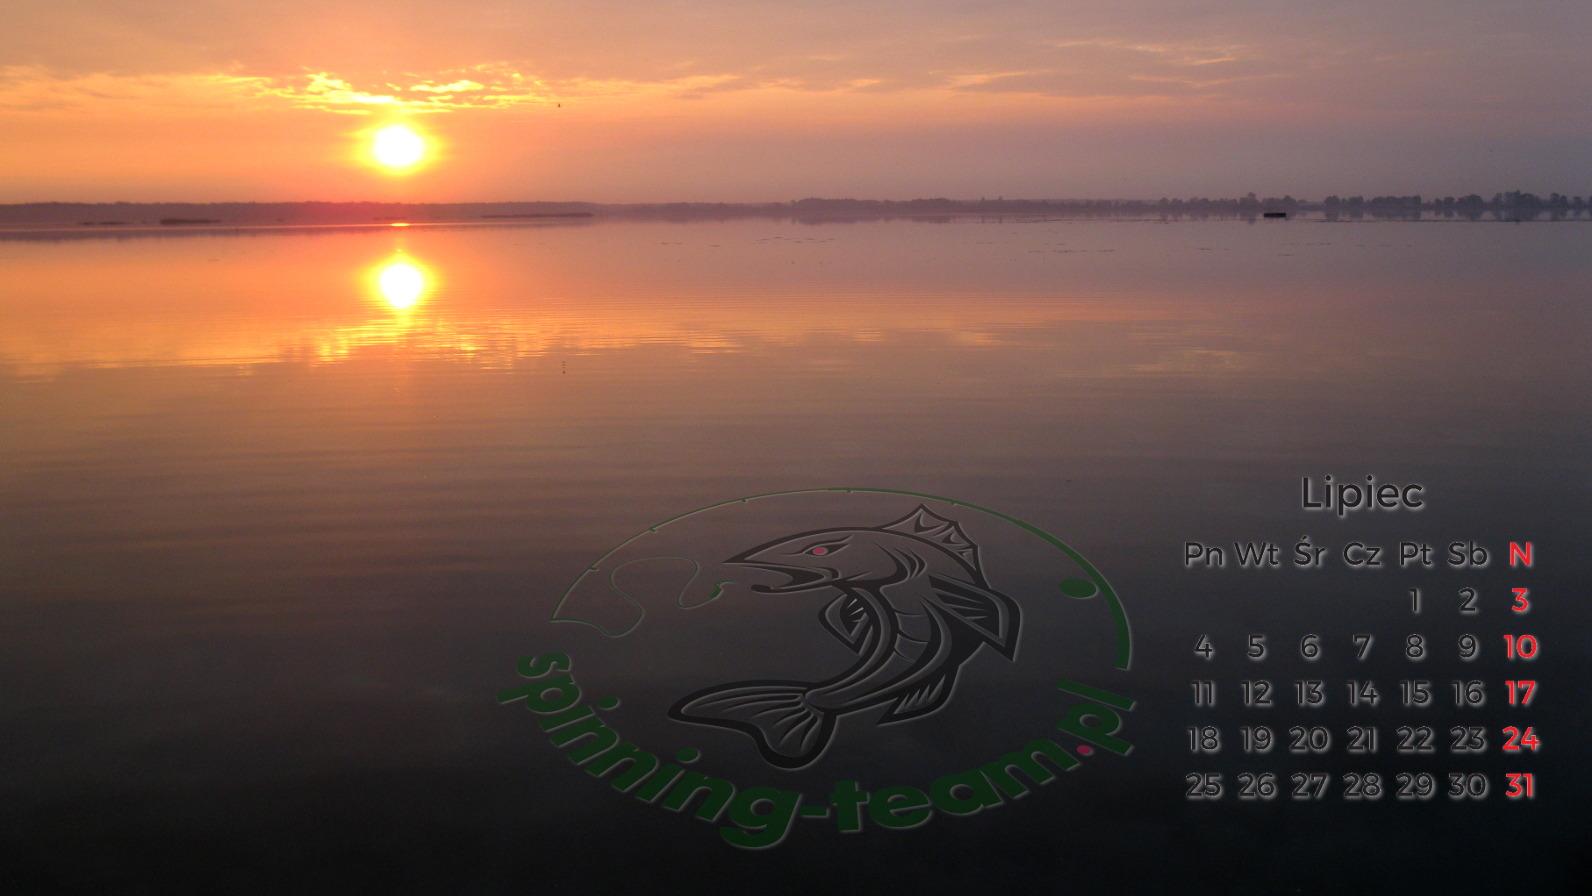 Tapeta Wędkarska LIPIEC 2016